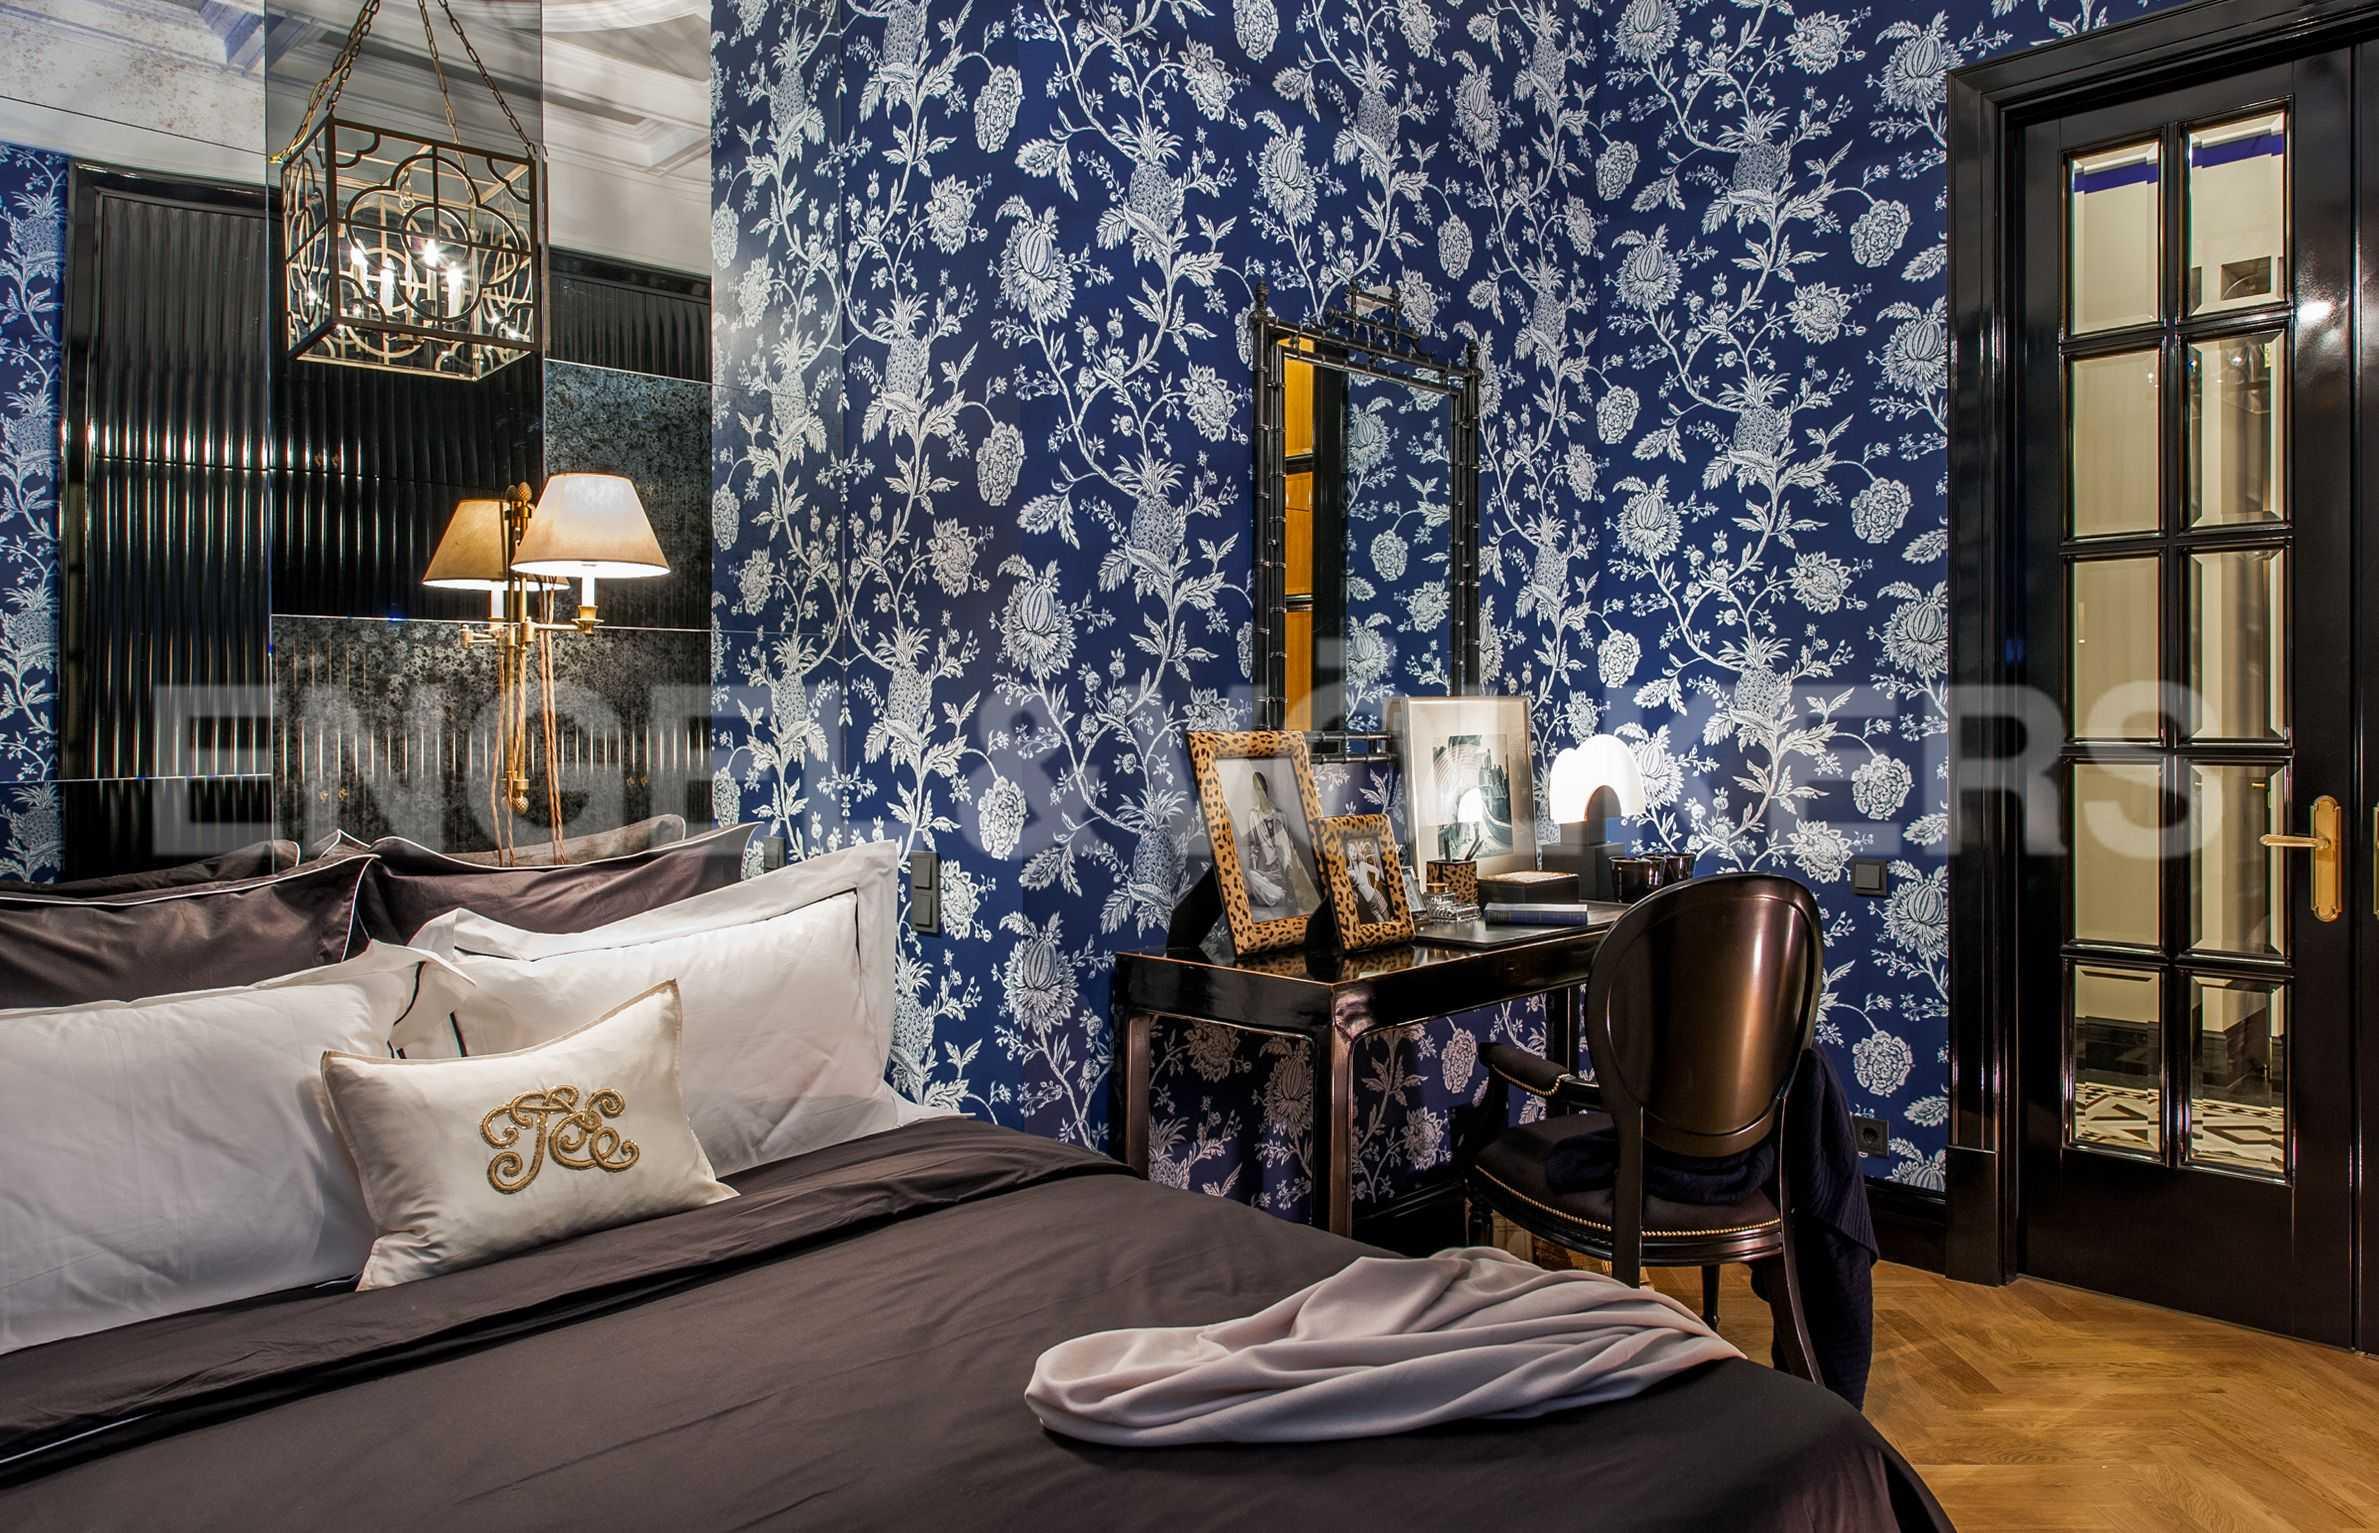 Элитные квартиры в Центральном районе. Санкт-Петербург, Таврическая, 5. Спальня